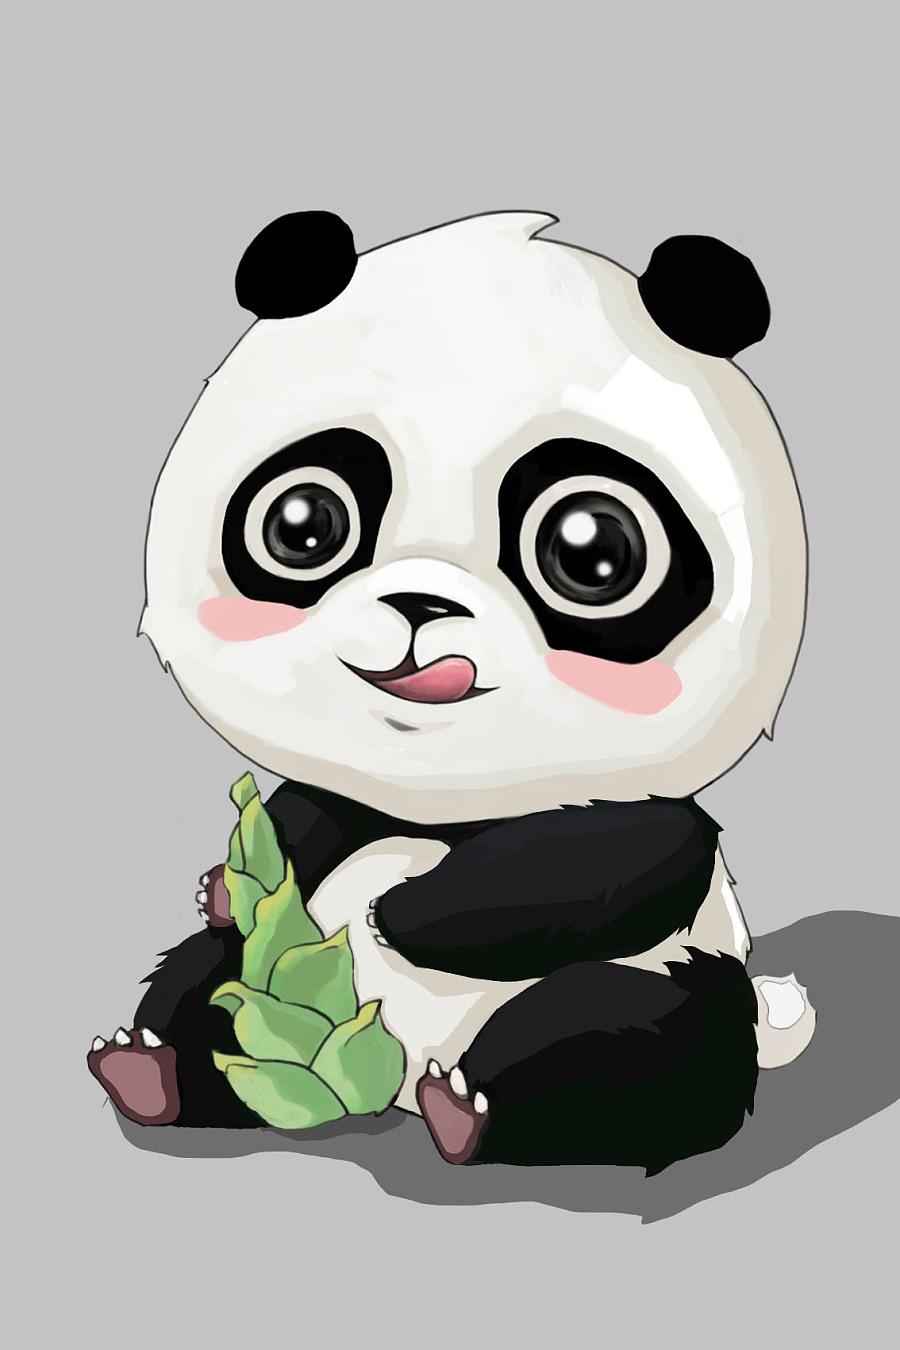 原创作品:贱贱小熊猫图片